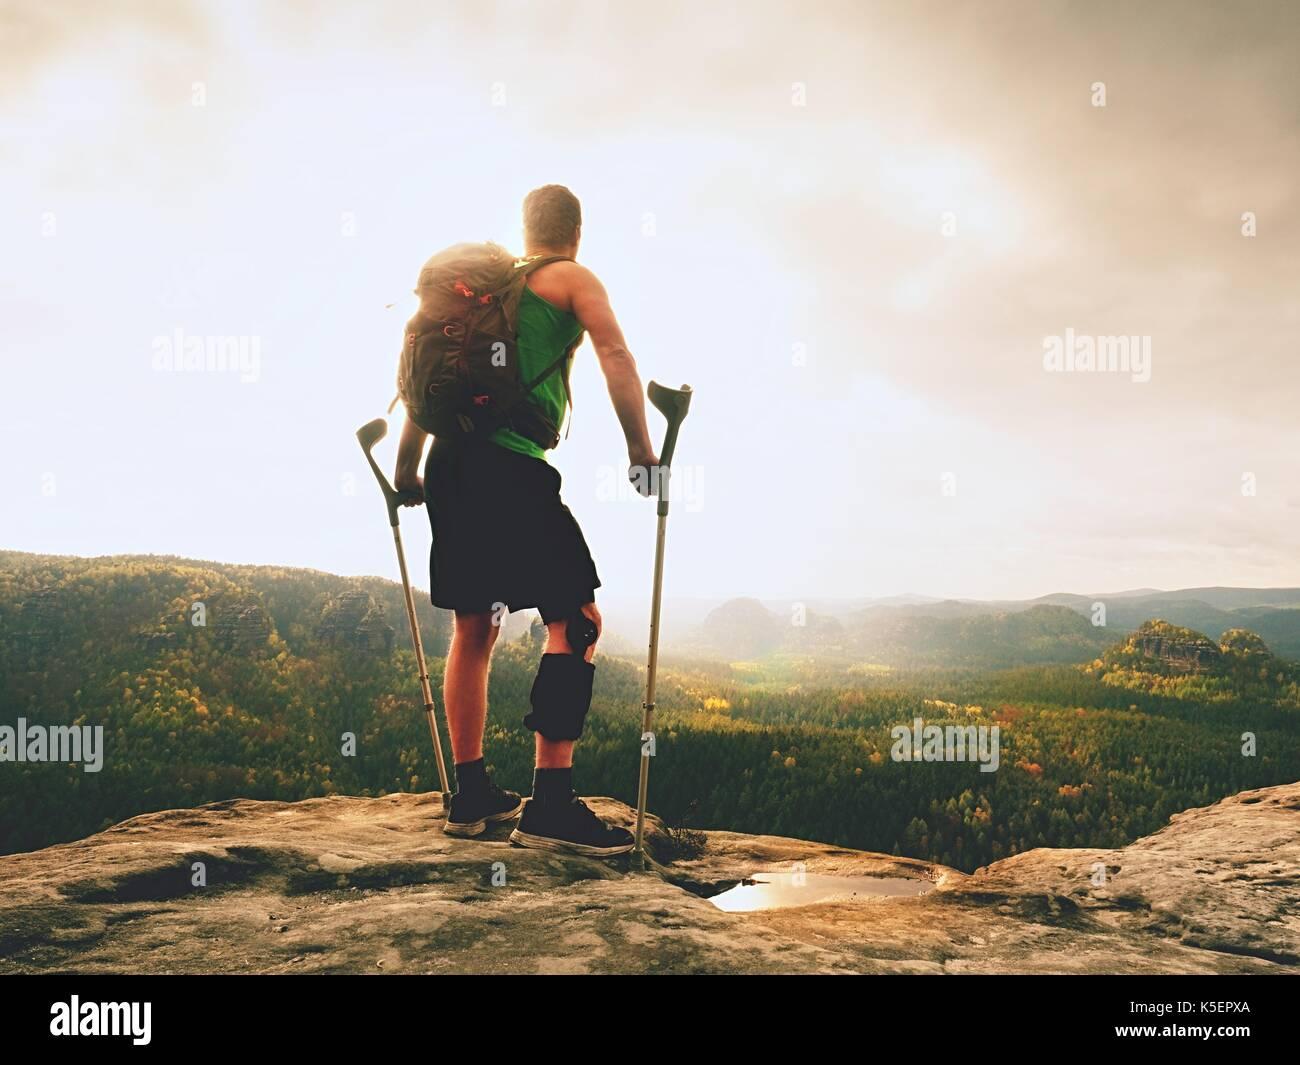 Uomo con le stampelle e la gamba rotta fissata in ortesi per ginocchio caratteristica.traveler con gamba ferito in bendaggi soggiorno sul roccioso punto di vista nelle montagne. escursionista con Immagini Stock